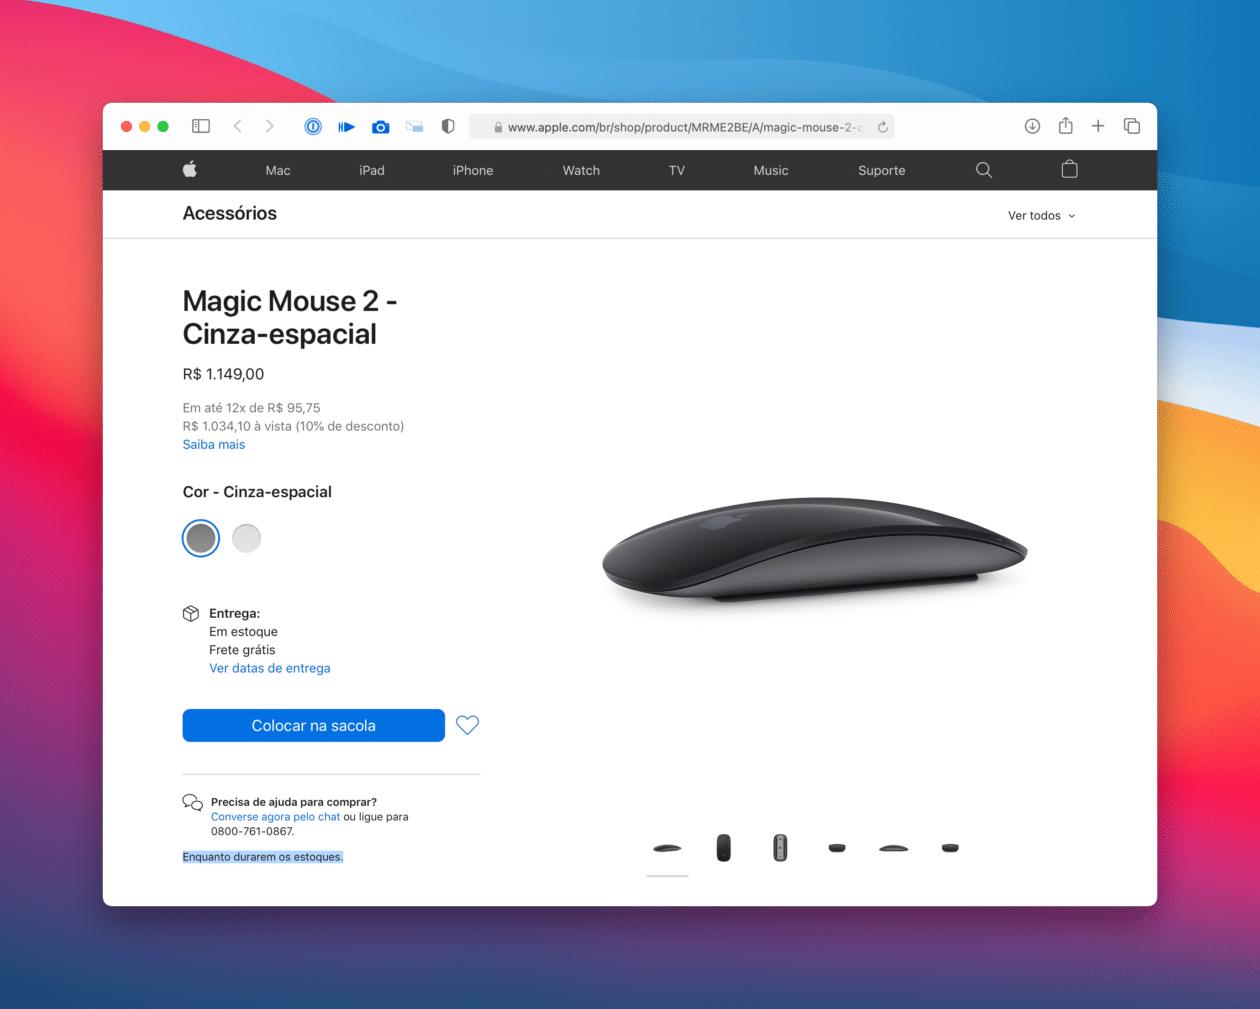 Magic Mouse 2 na cor cinza espacial à venda (por pouco tempo) na Apple Store online brasileira